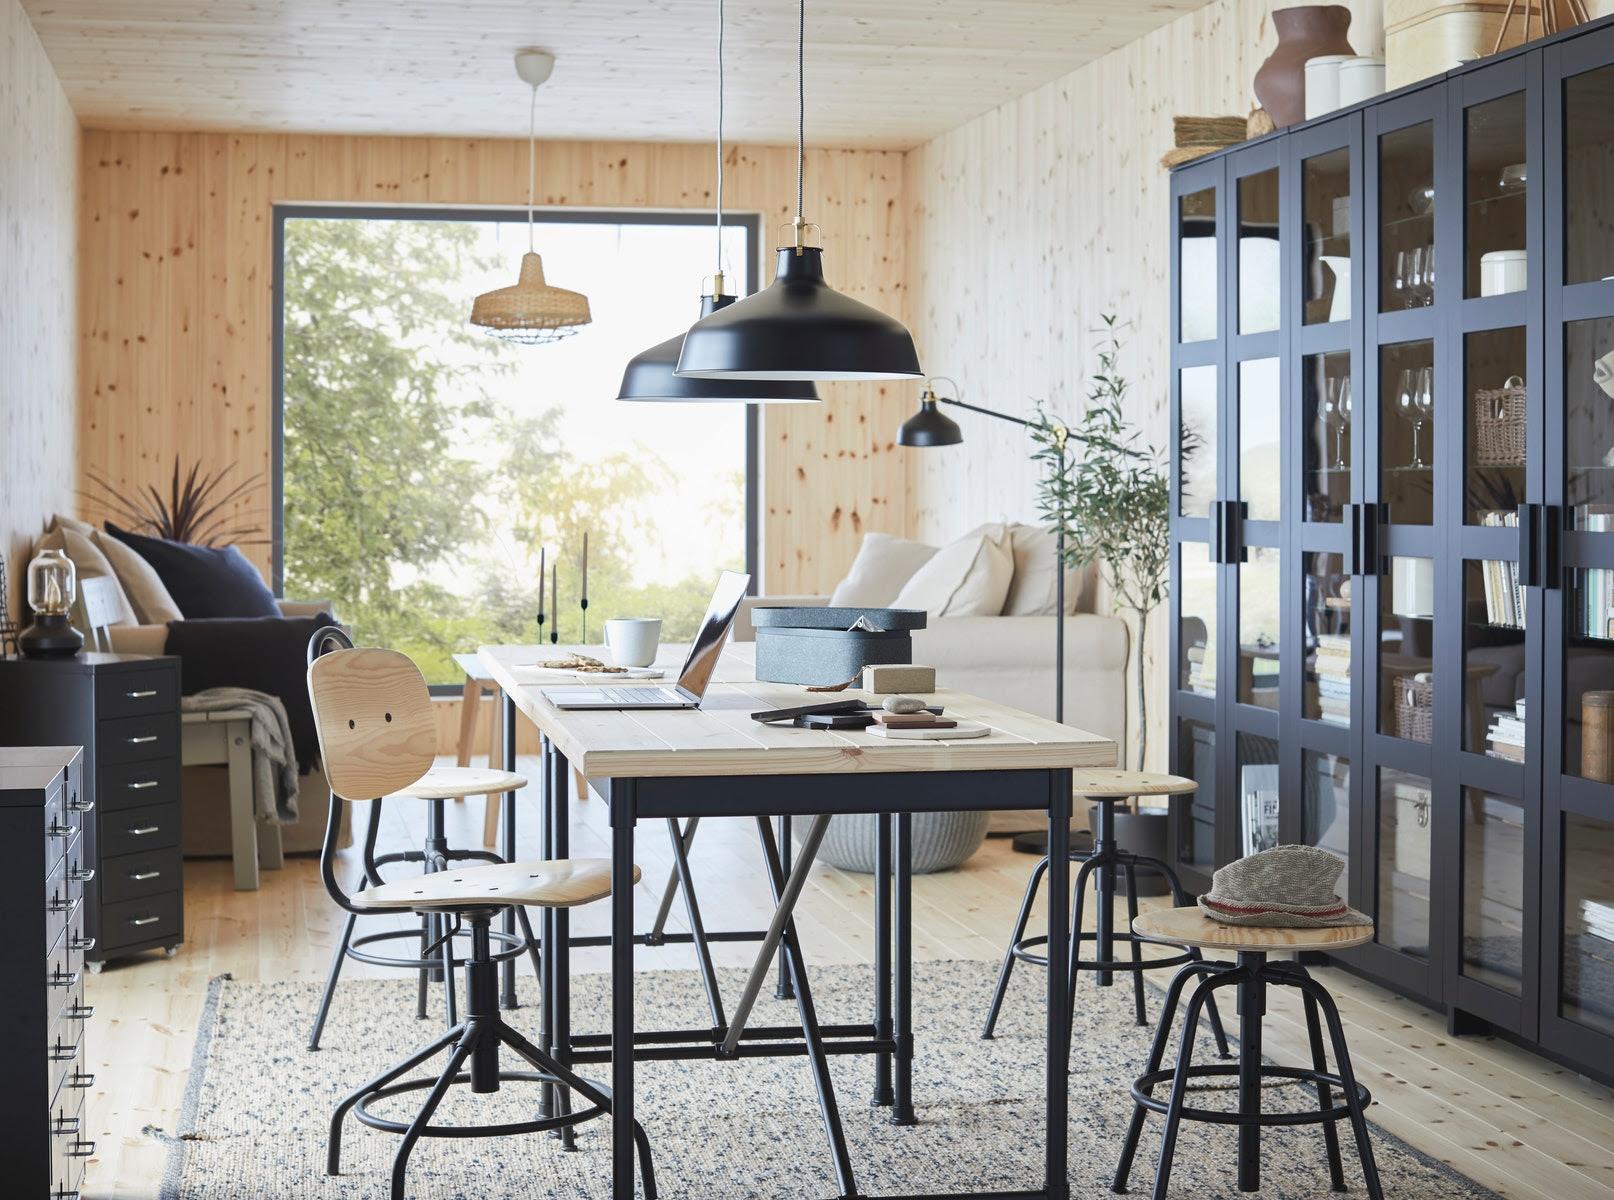 Adesivi Armadio Ikea ikea e smart working: le soluzioni per organizzare casa